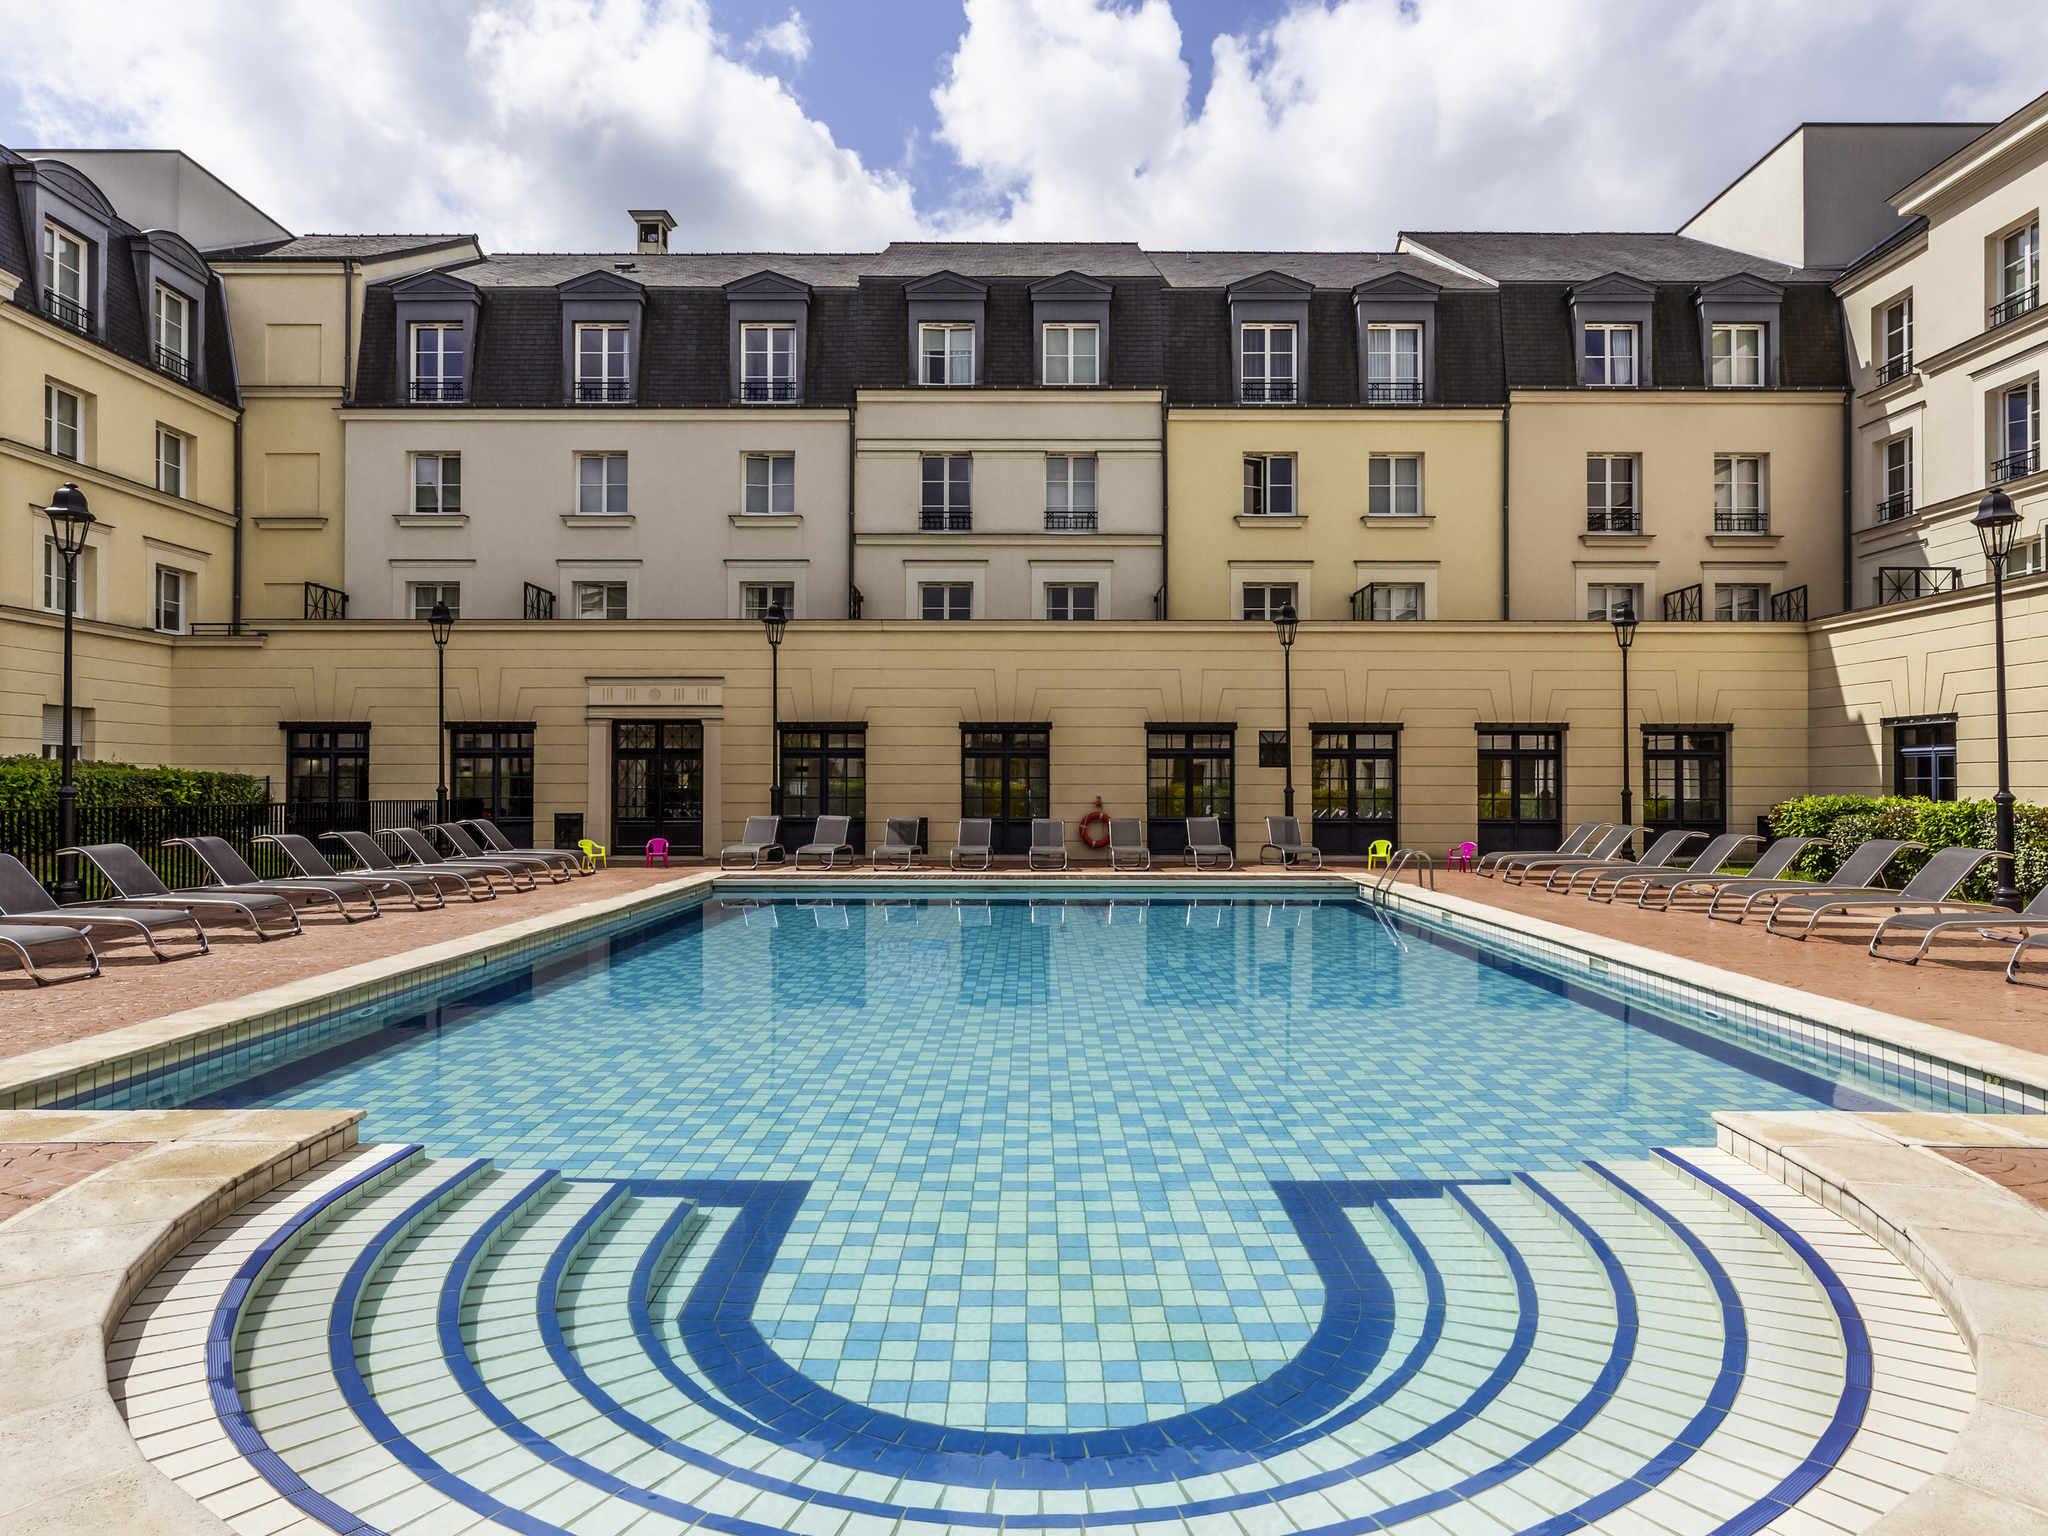 โรงแรม – Hipark by Adagio Serris - Val d'Europe